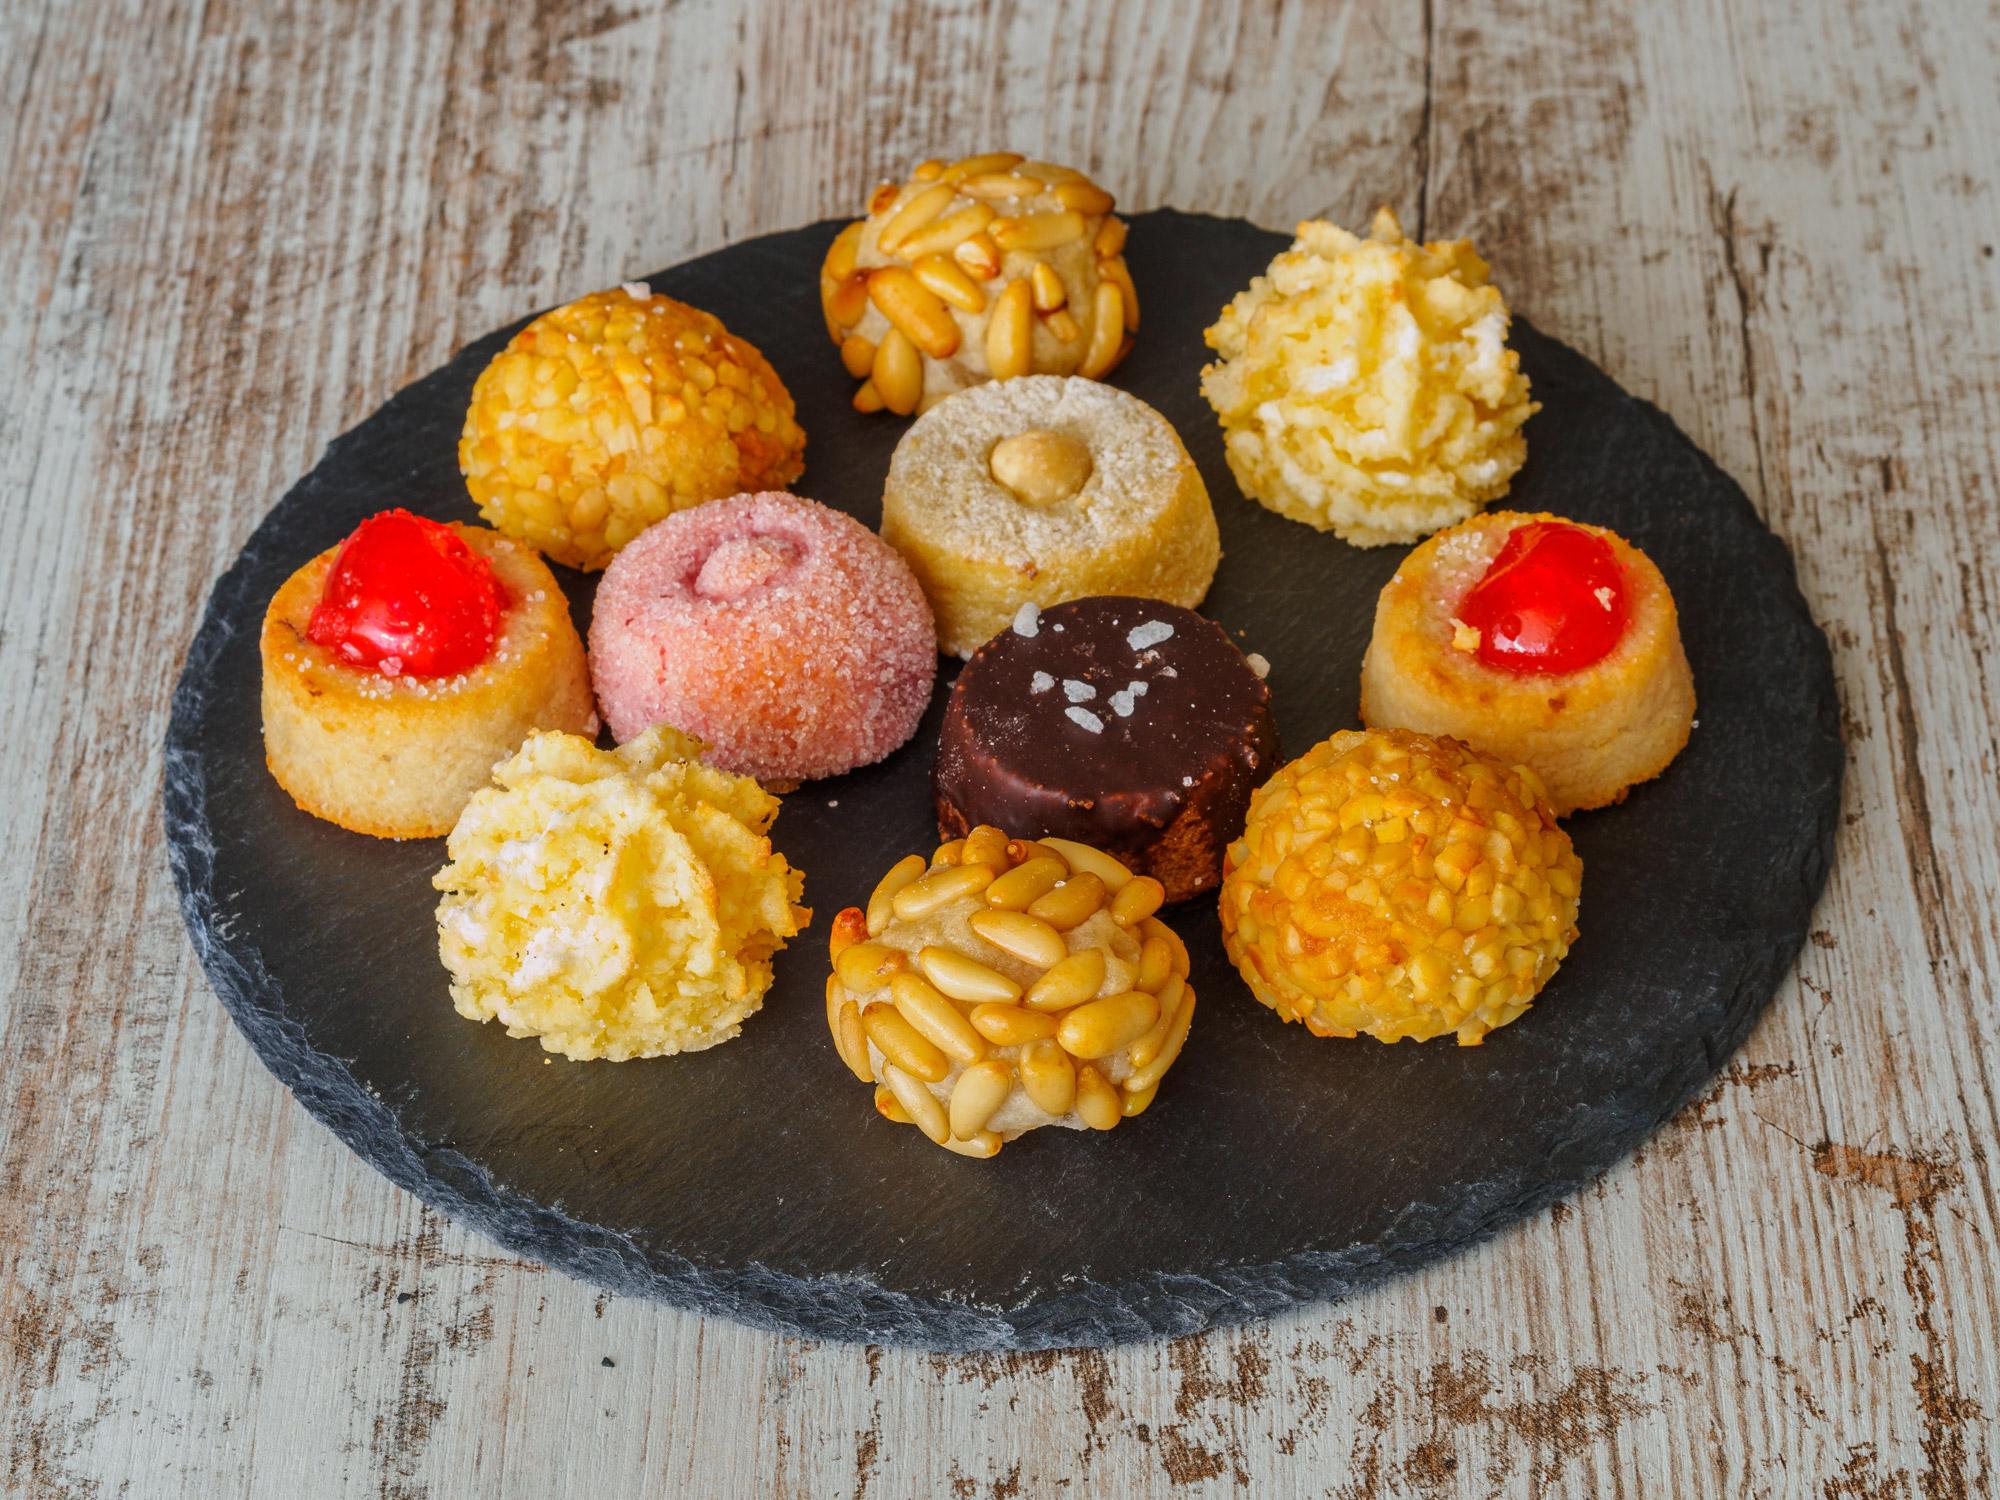 Petites pâtisseries sucrées et colorées typiques de l'Espagne, à base d'amande, de châtaigne, de pignons.